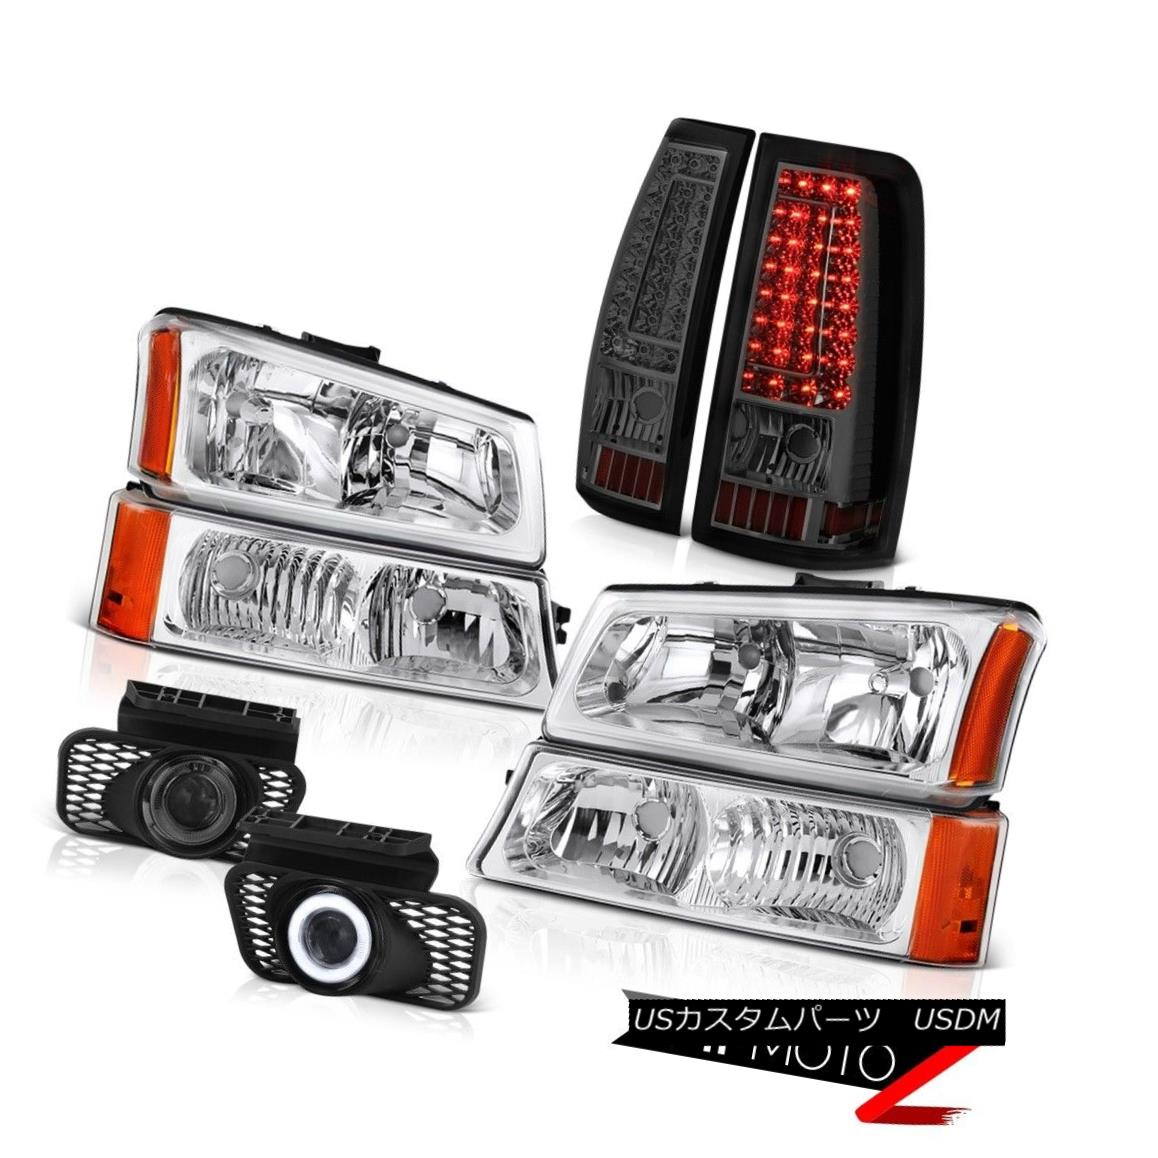 ヘッドライト 2003-2006 Chevy Silverado Titanium Smoke Fog Lights Rear Brake Chrome Headlamps 2003-2006シボレーシルバラードチタンスモークフォグライトリアブレーキクロームヘッドランプ